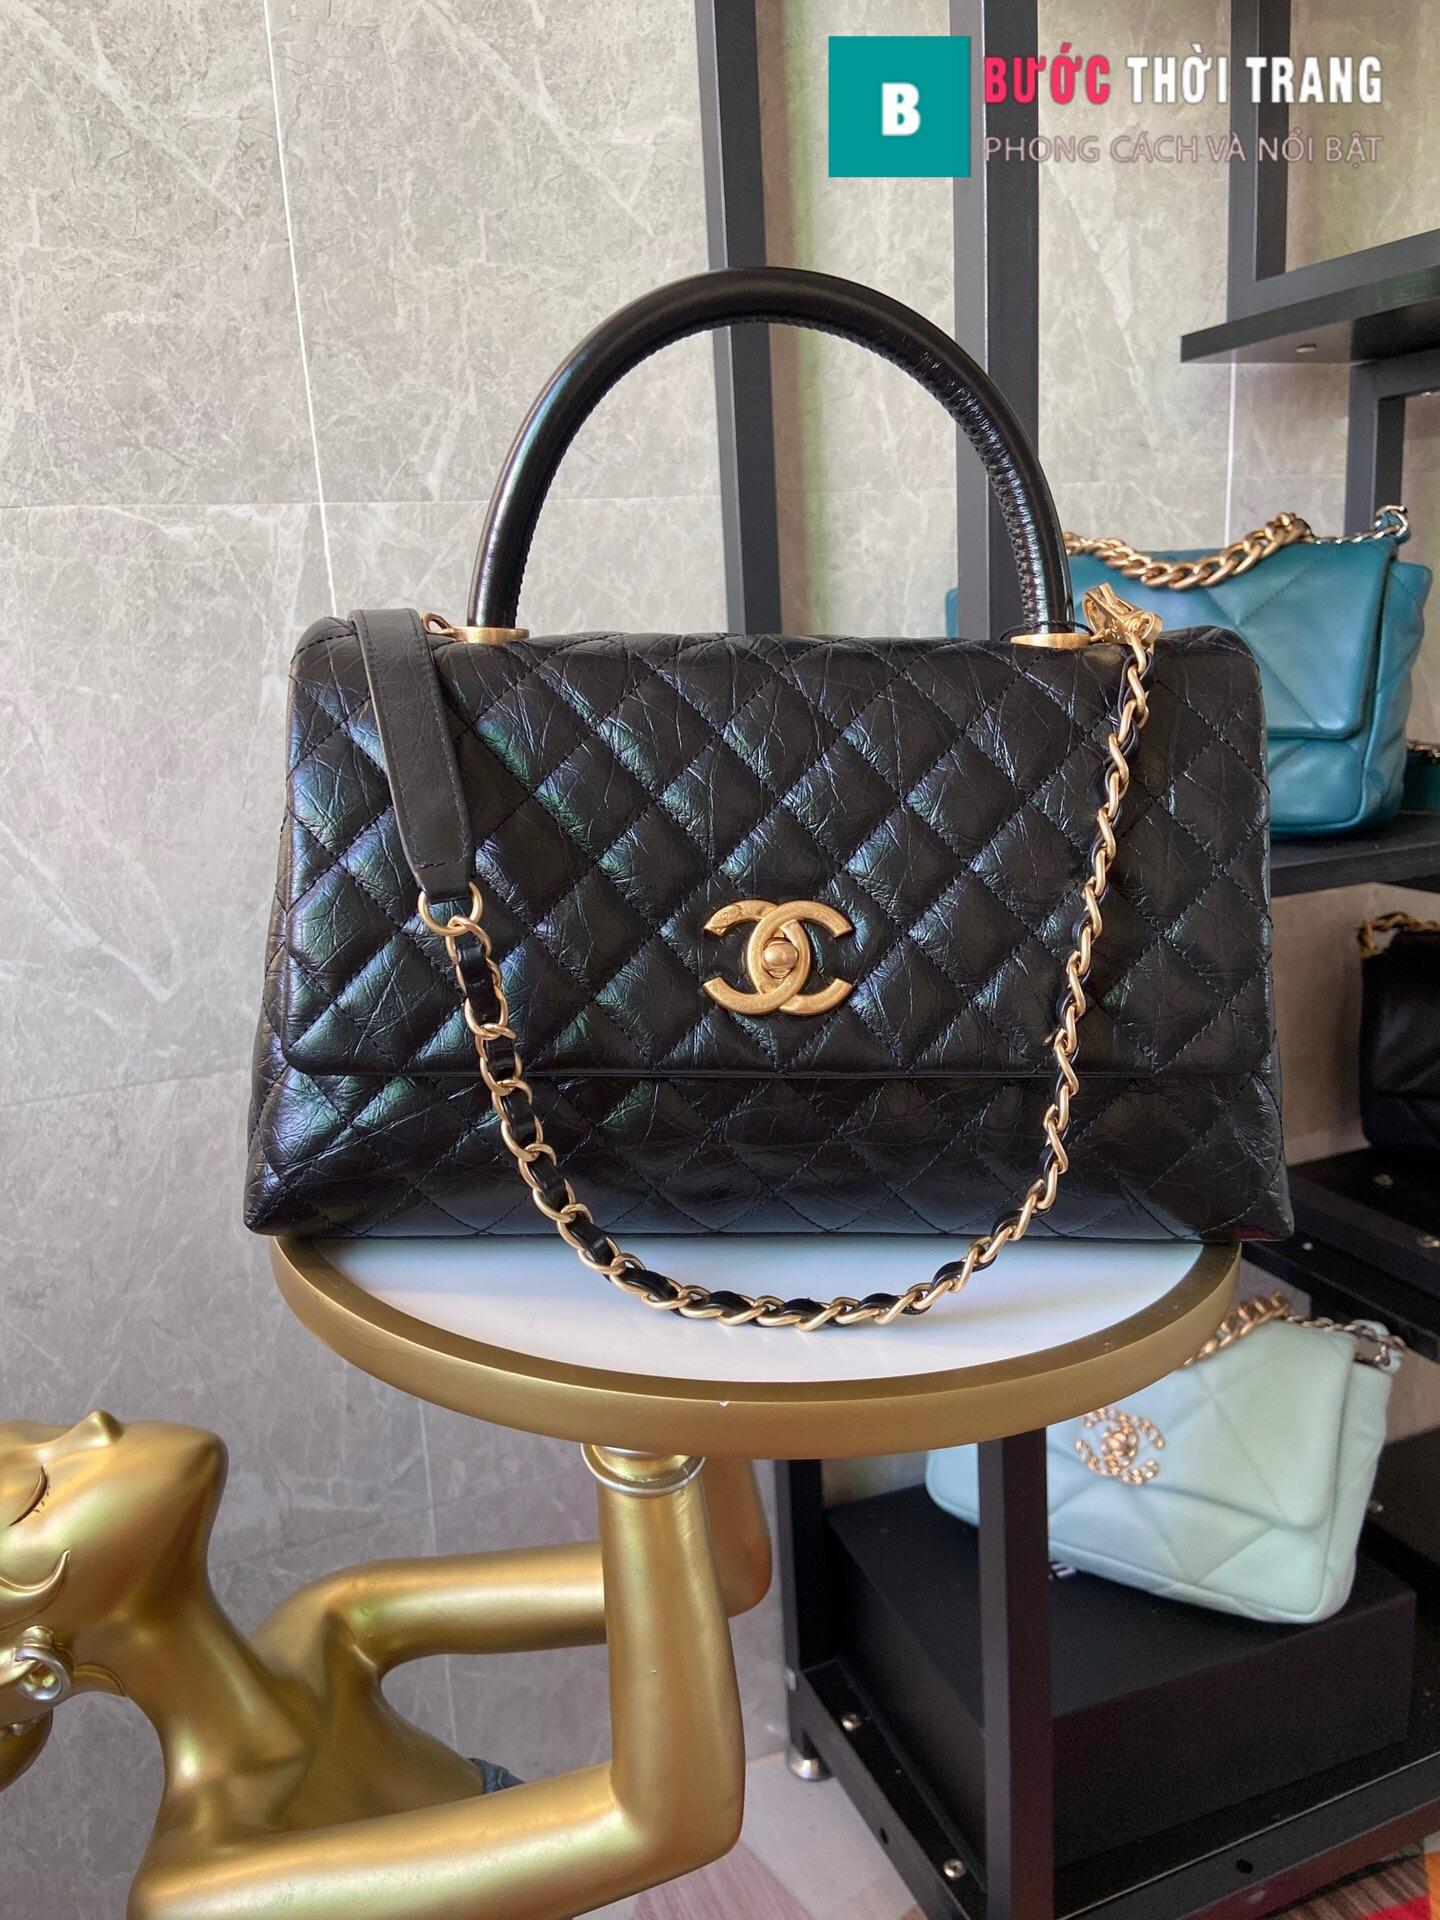 Túi xách Chanel Coco siêu cấp size 29 cm – A92992 (29)